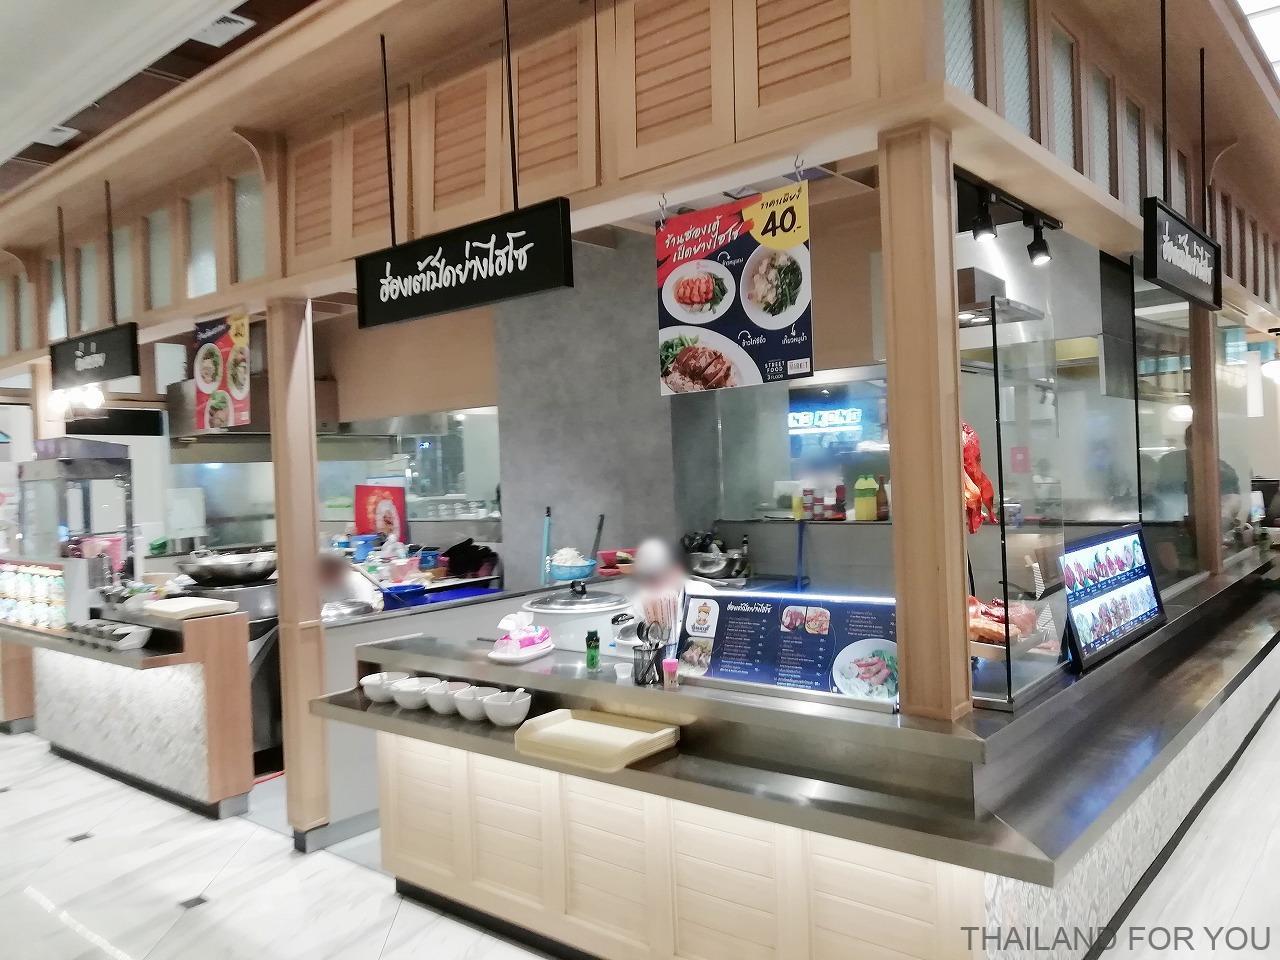 ザ・マーケット・バンコク フードコート the market bangkok 写真